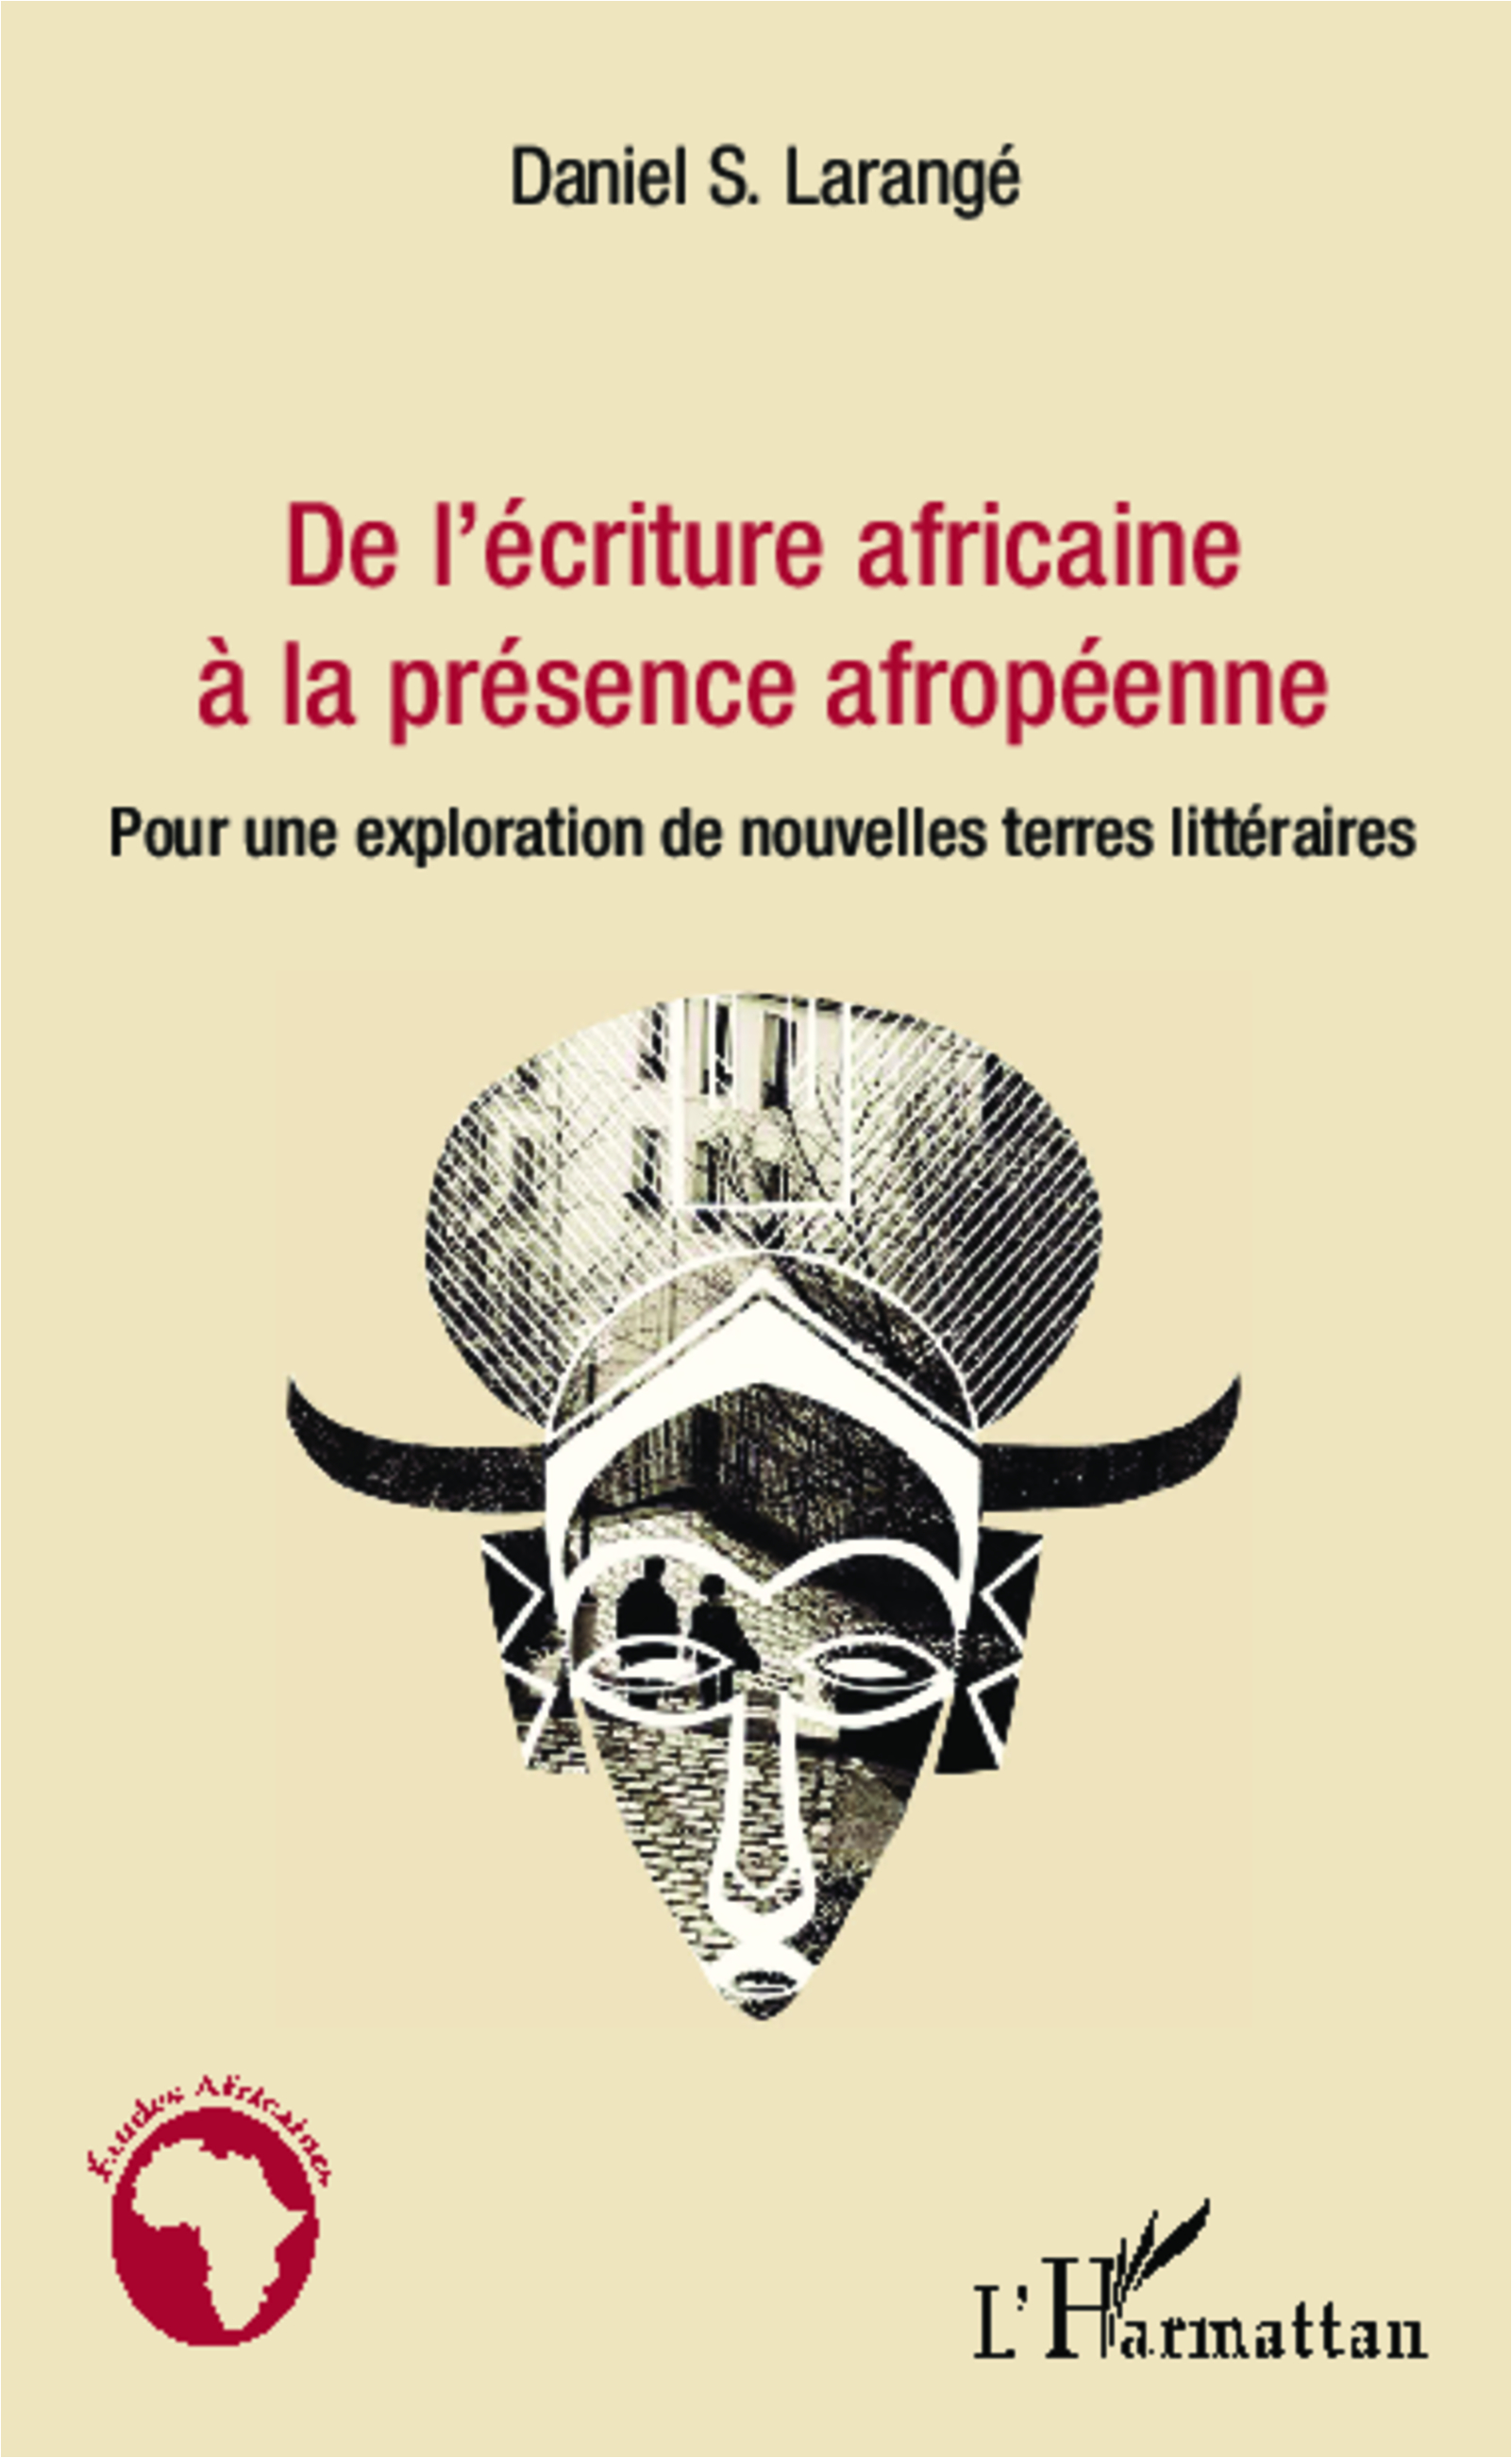 D. S. Larangé, De l'écriture africaine à la présence afropéenne: pour une exploration de nouvelles terres littéraires